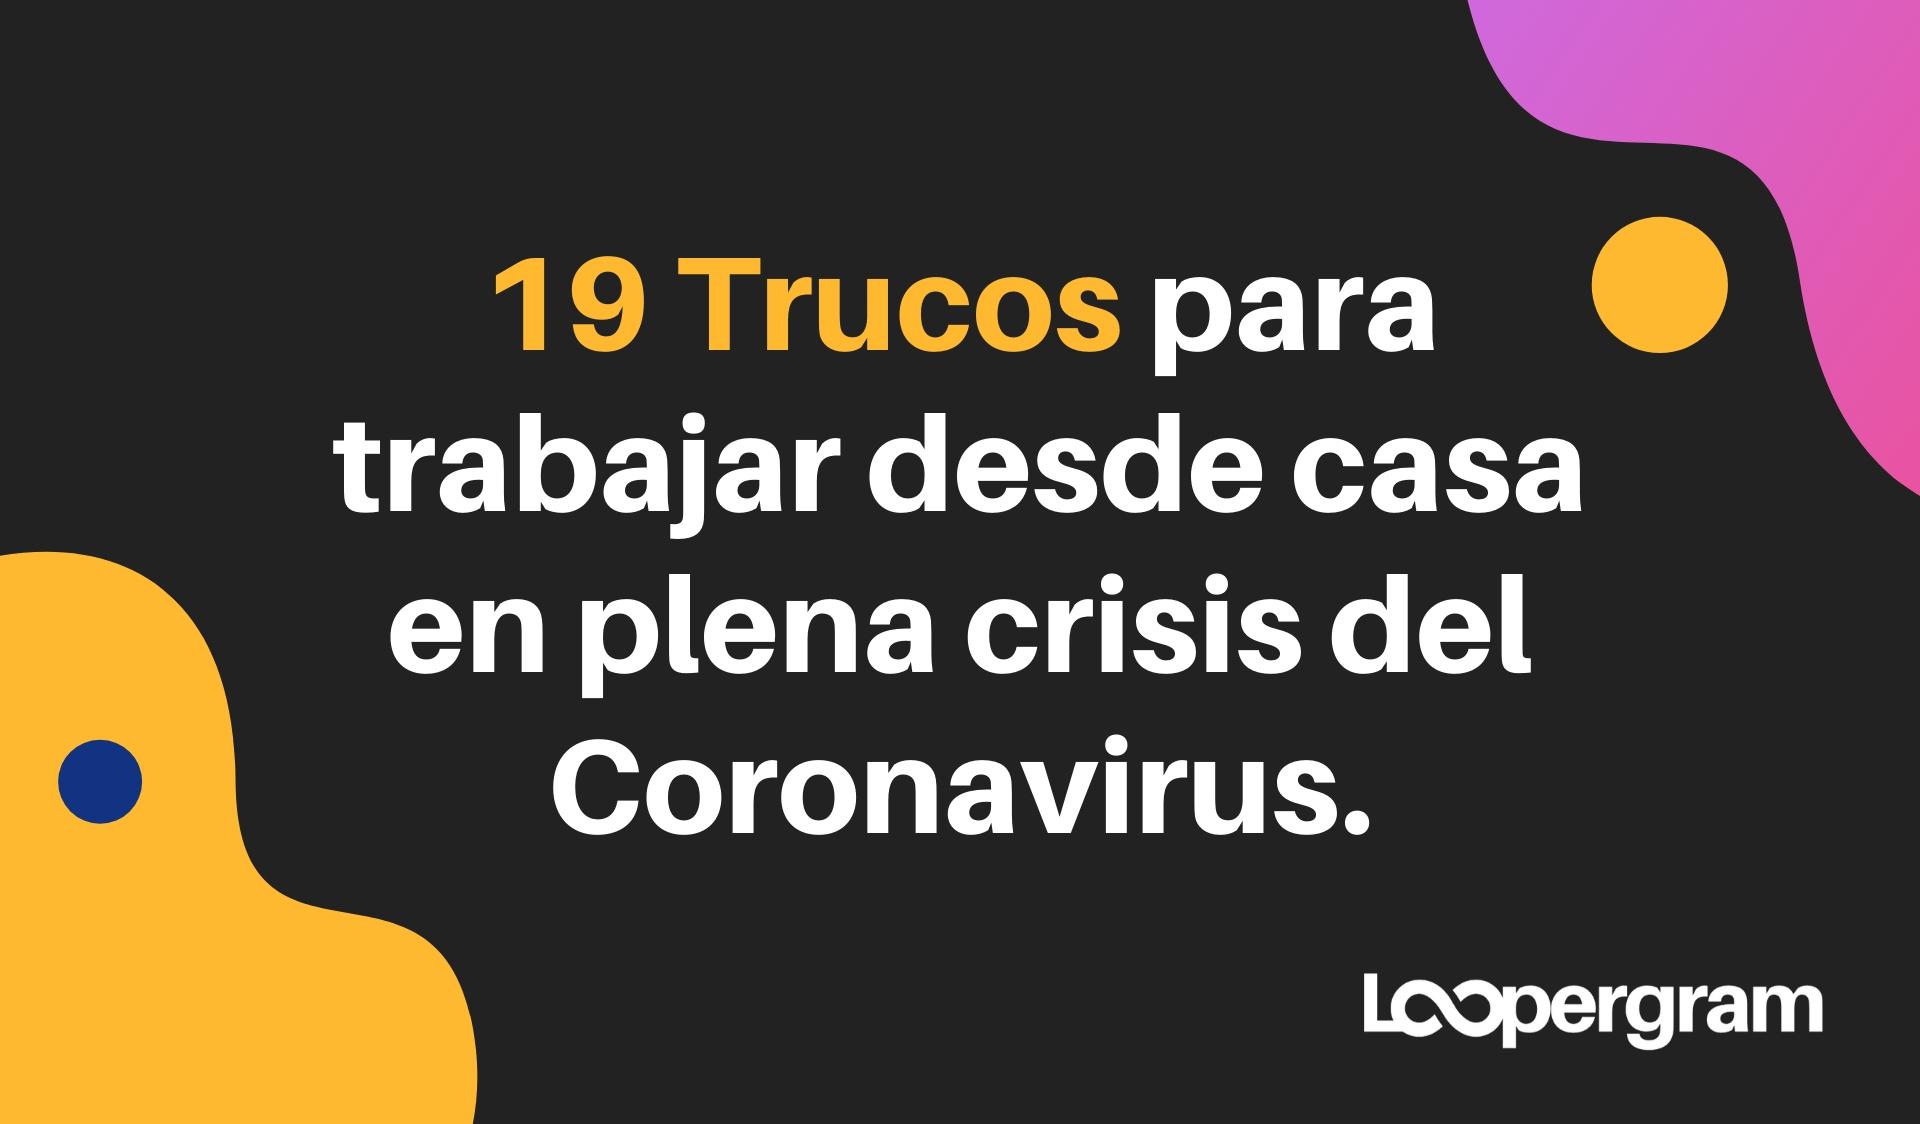 19 Trucos para trabajar desde casa en plena crisis del Coronavirus